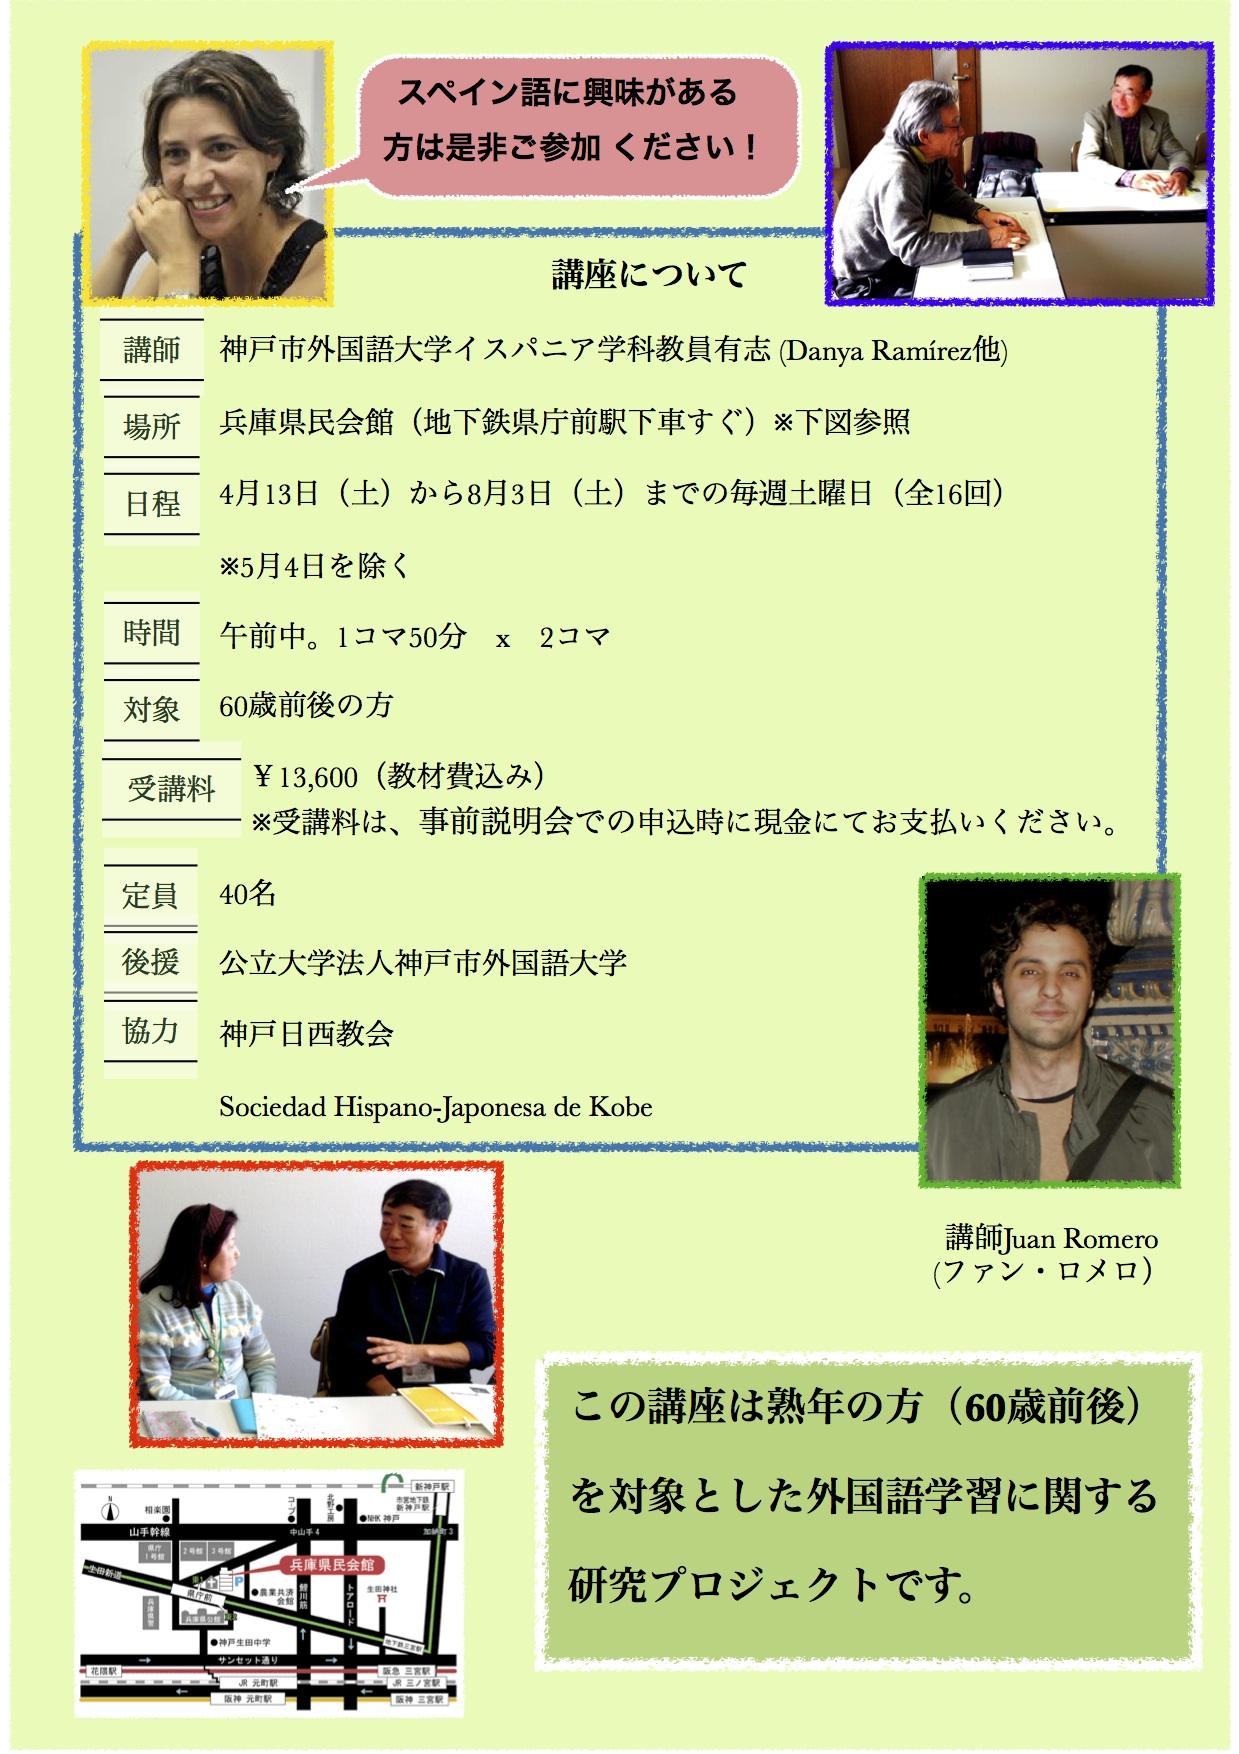 Flyer pg2.jpg